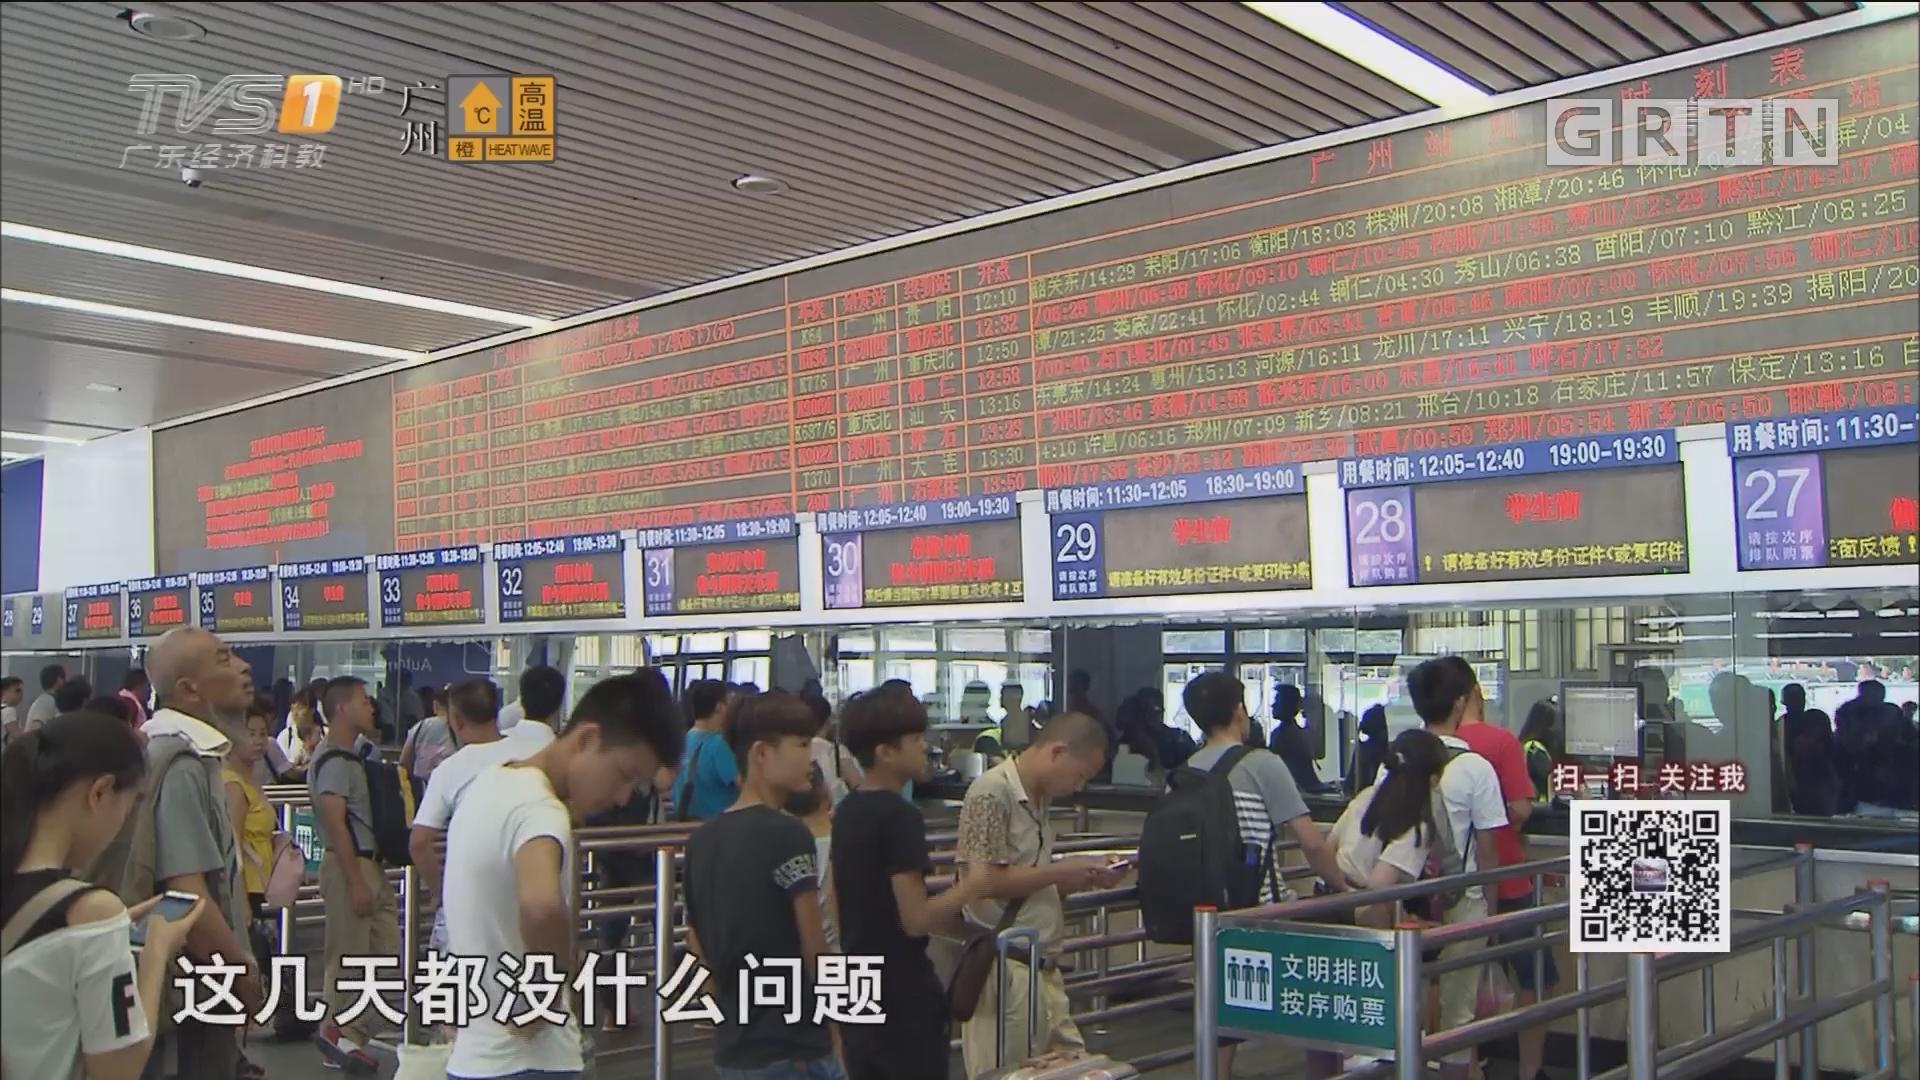 震源远离当地车站 广东来往川渝列车未受影响